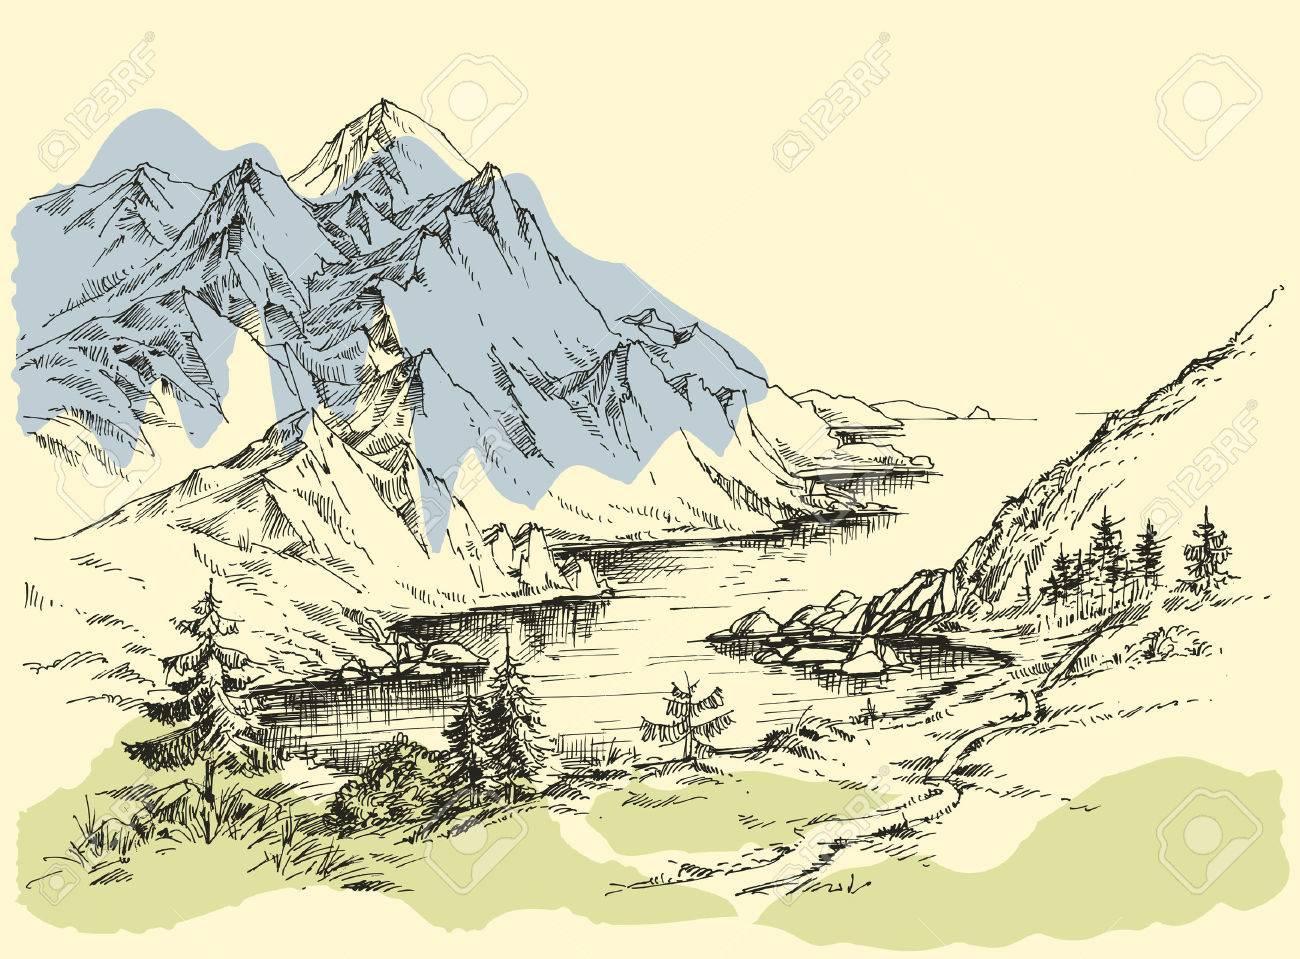 Mountain river - 58689974